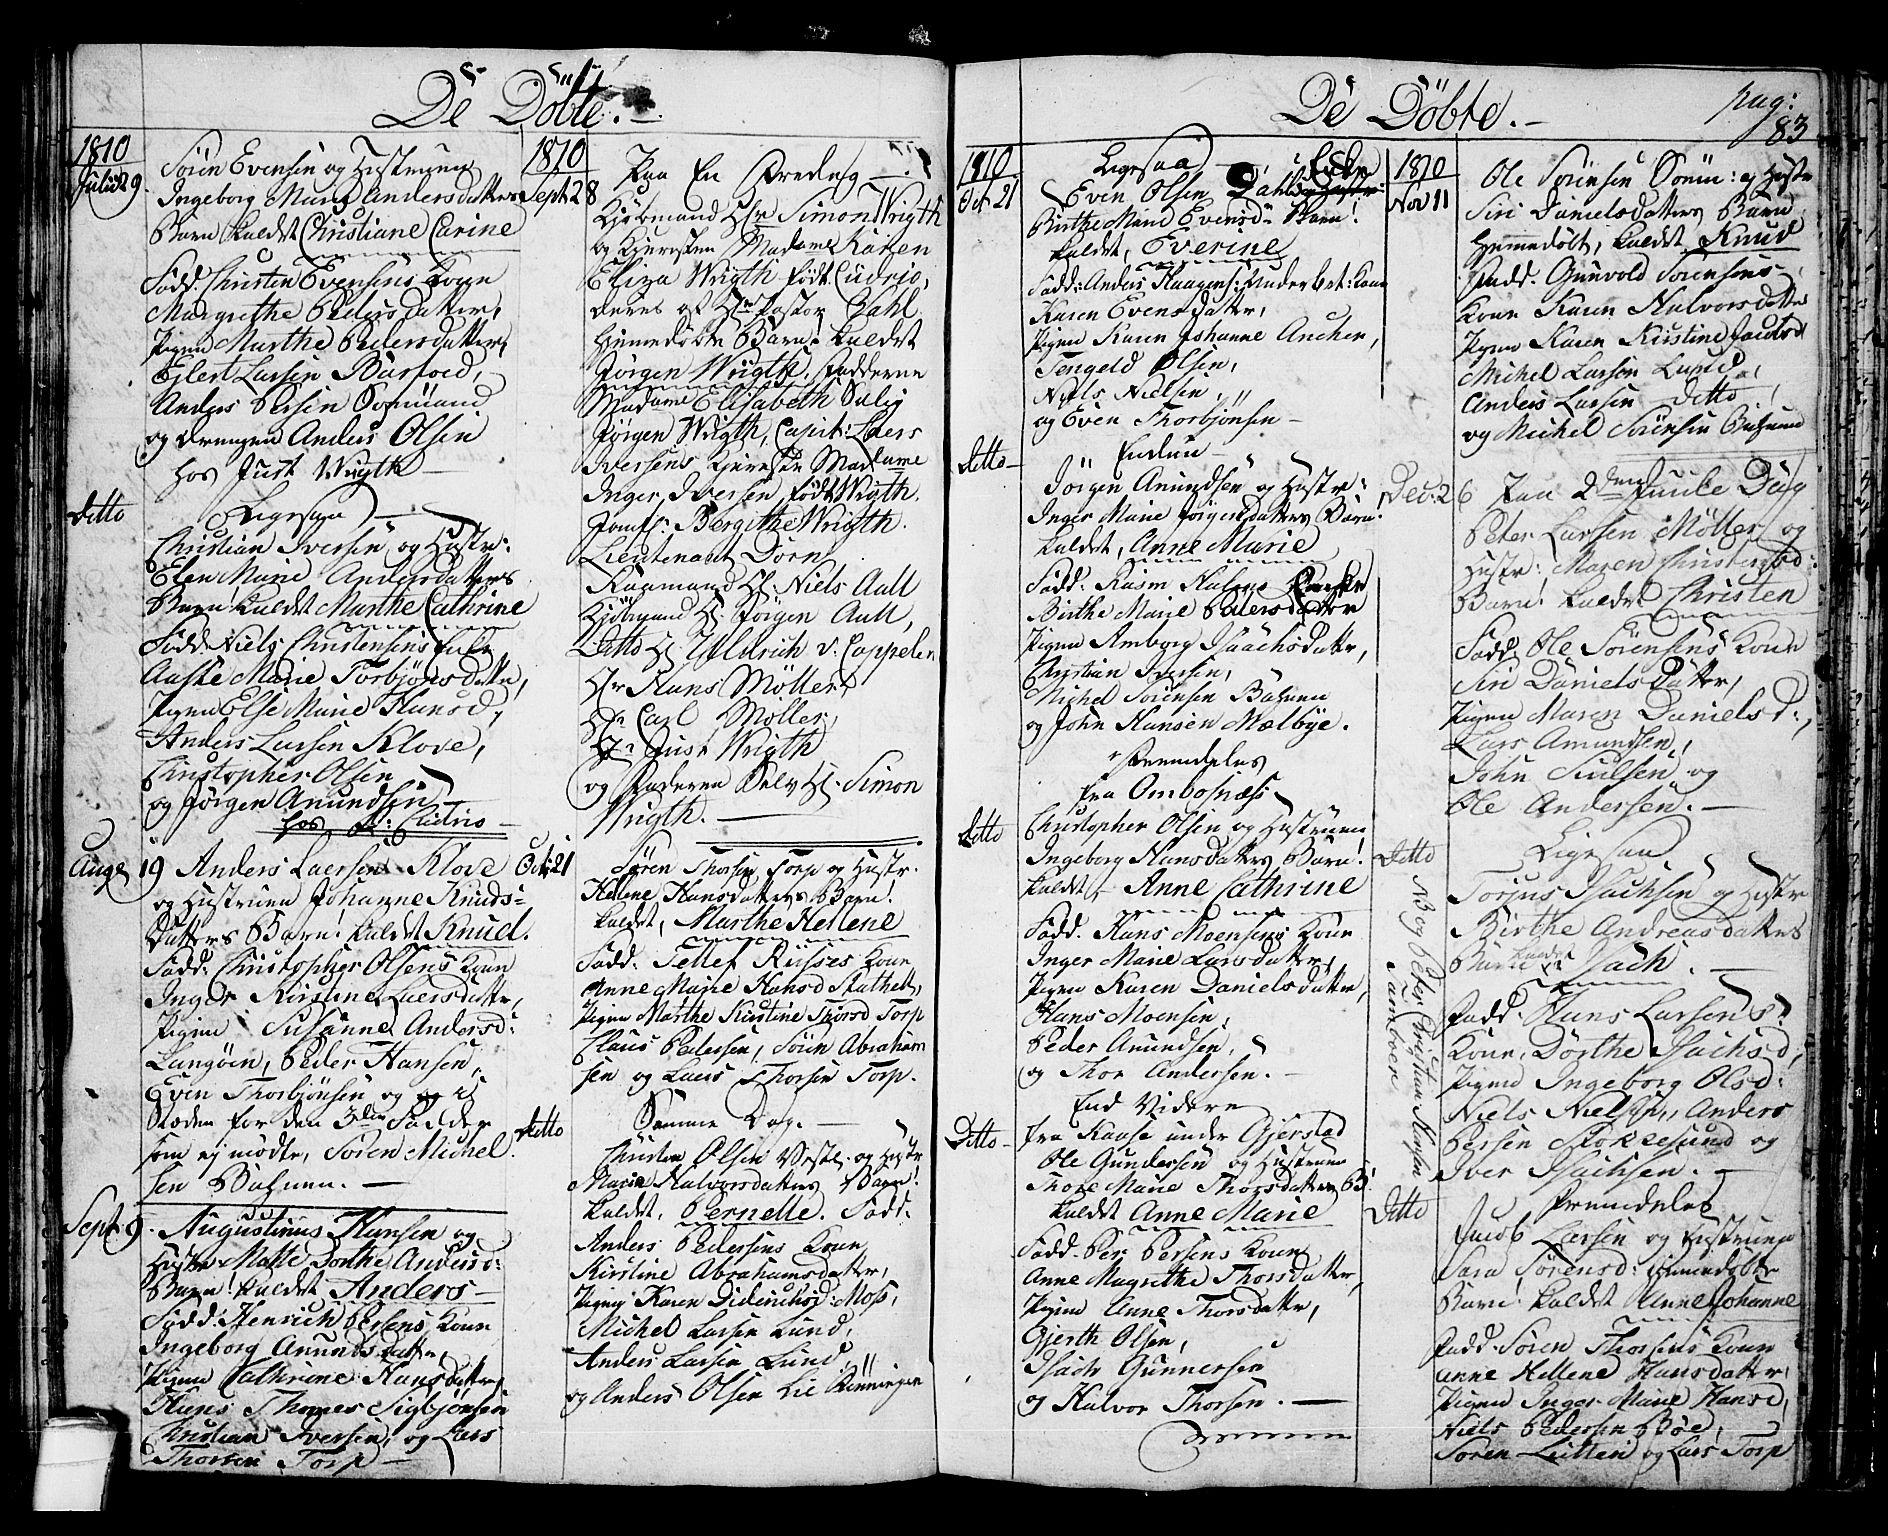 SAKO, Langesund kirkebøker, G/Ga/L0002: Klokkerbok nr. 2, 1801-1815, s. 83